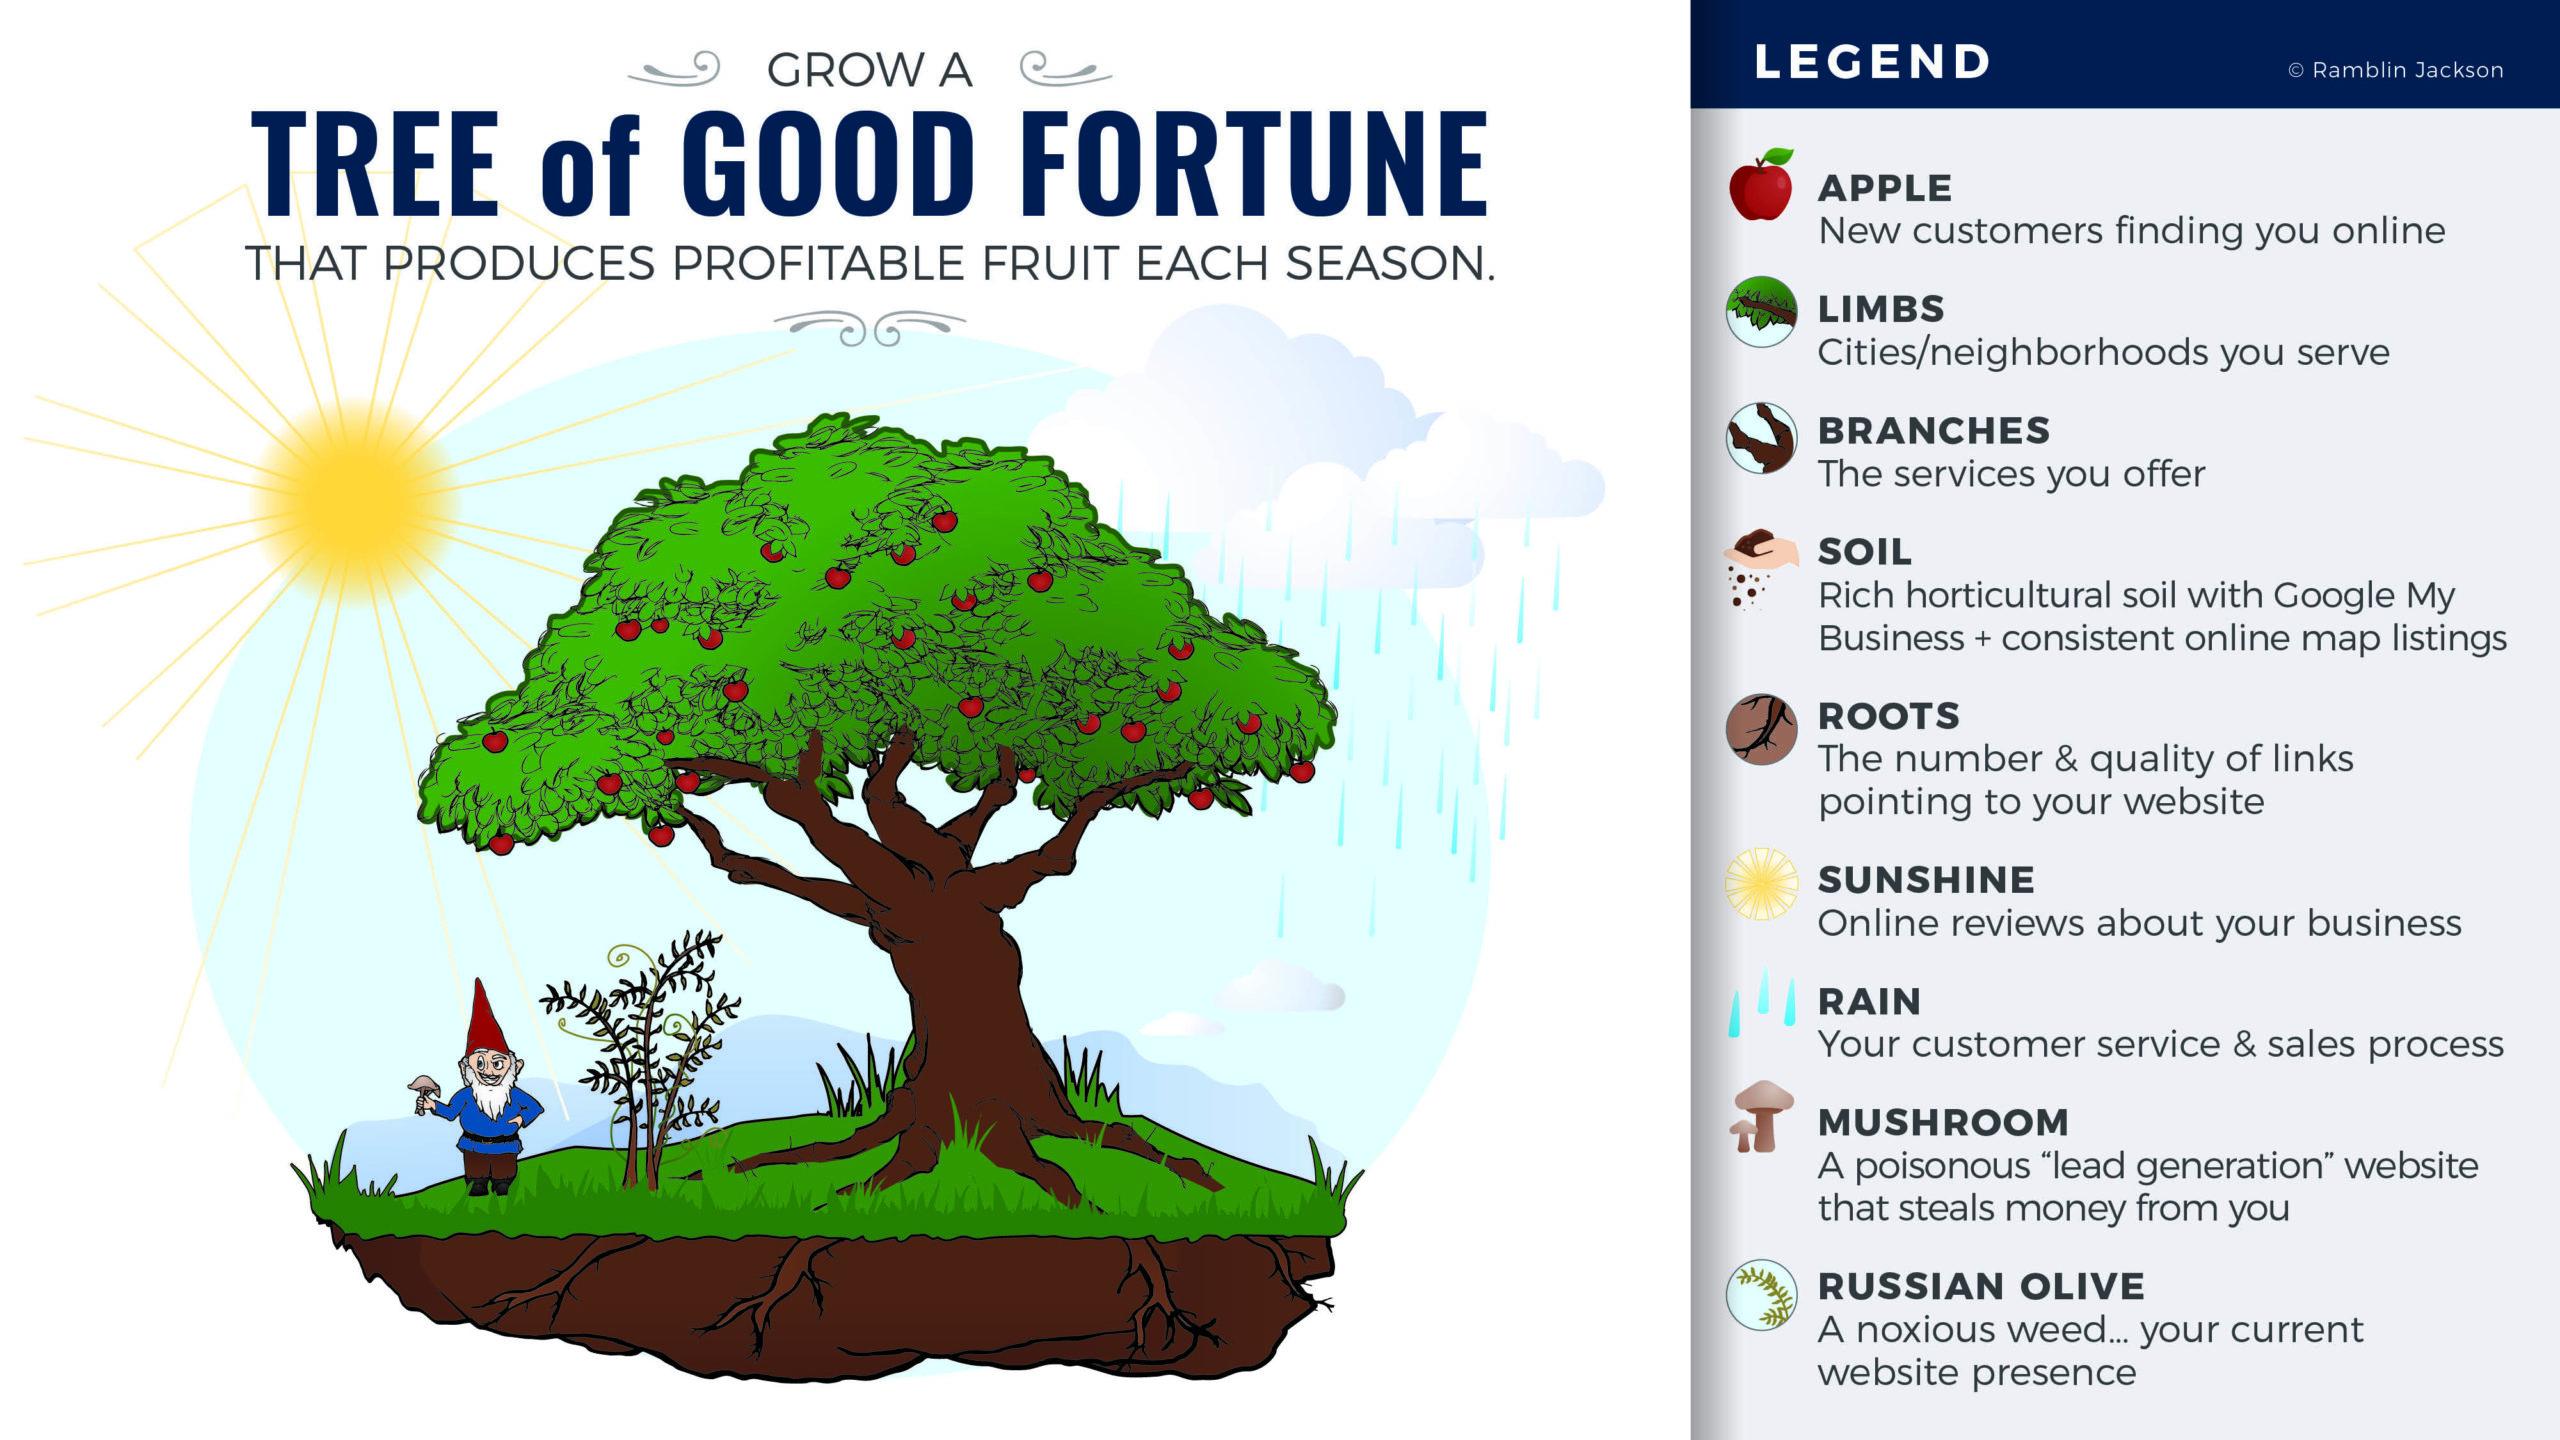 RJ_Tree Good Fortune_13x7.5_FINAL_B